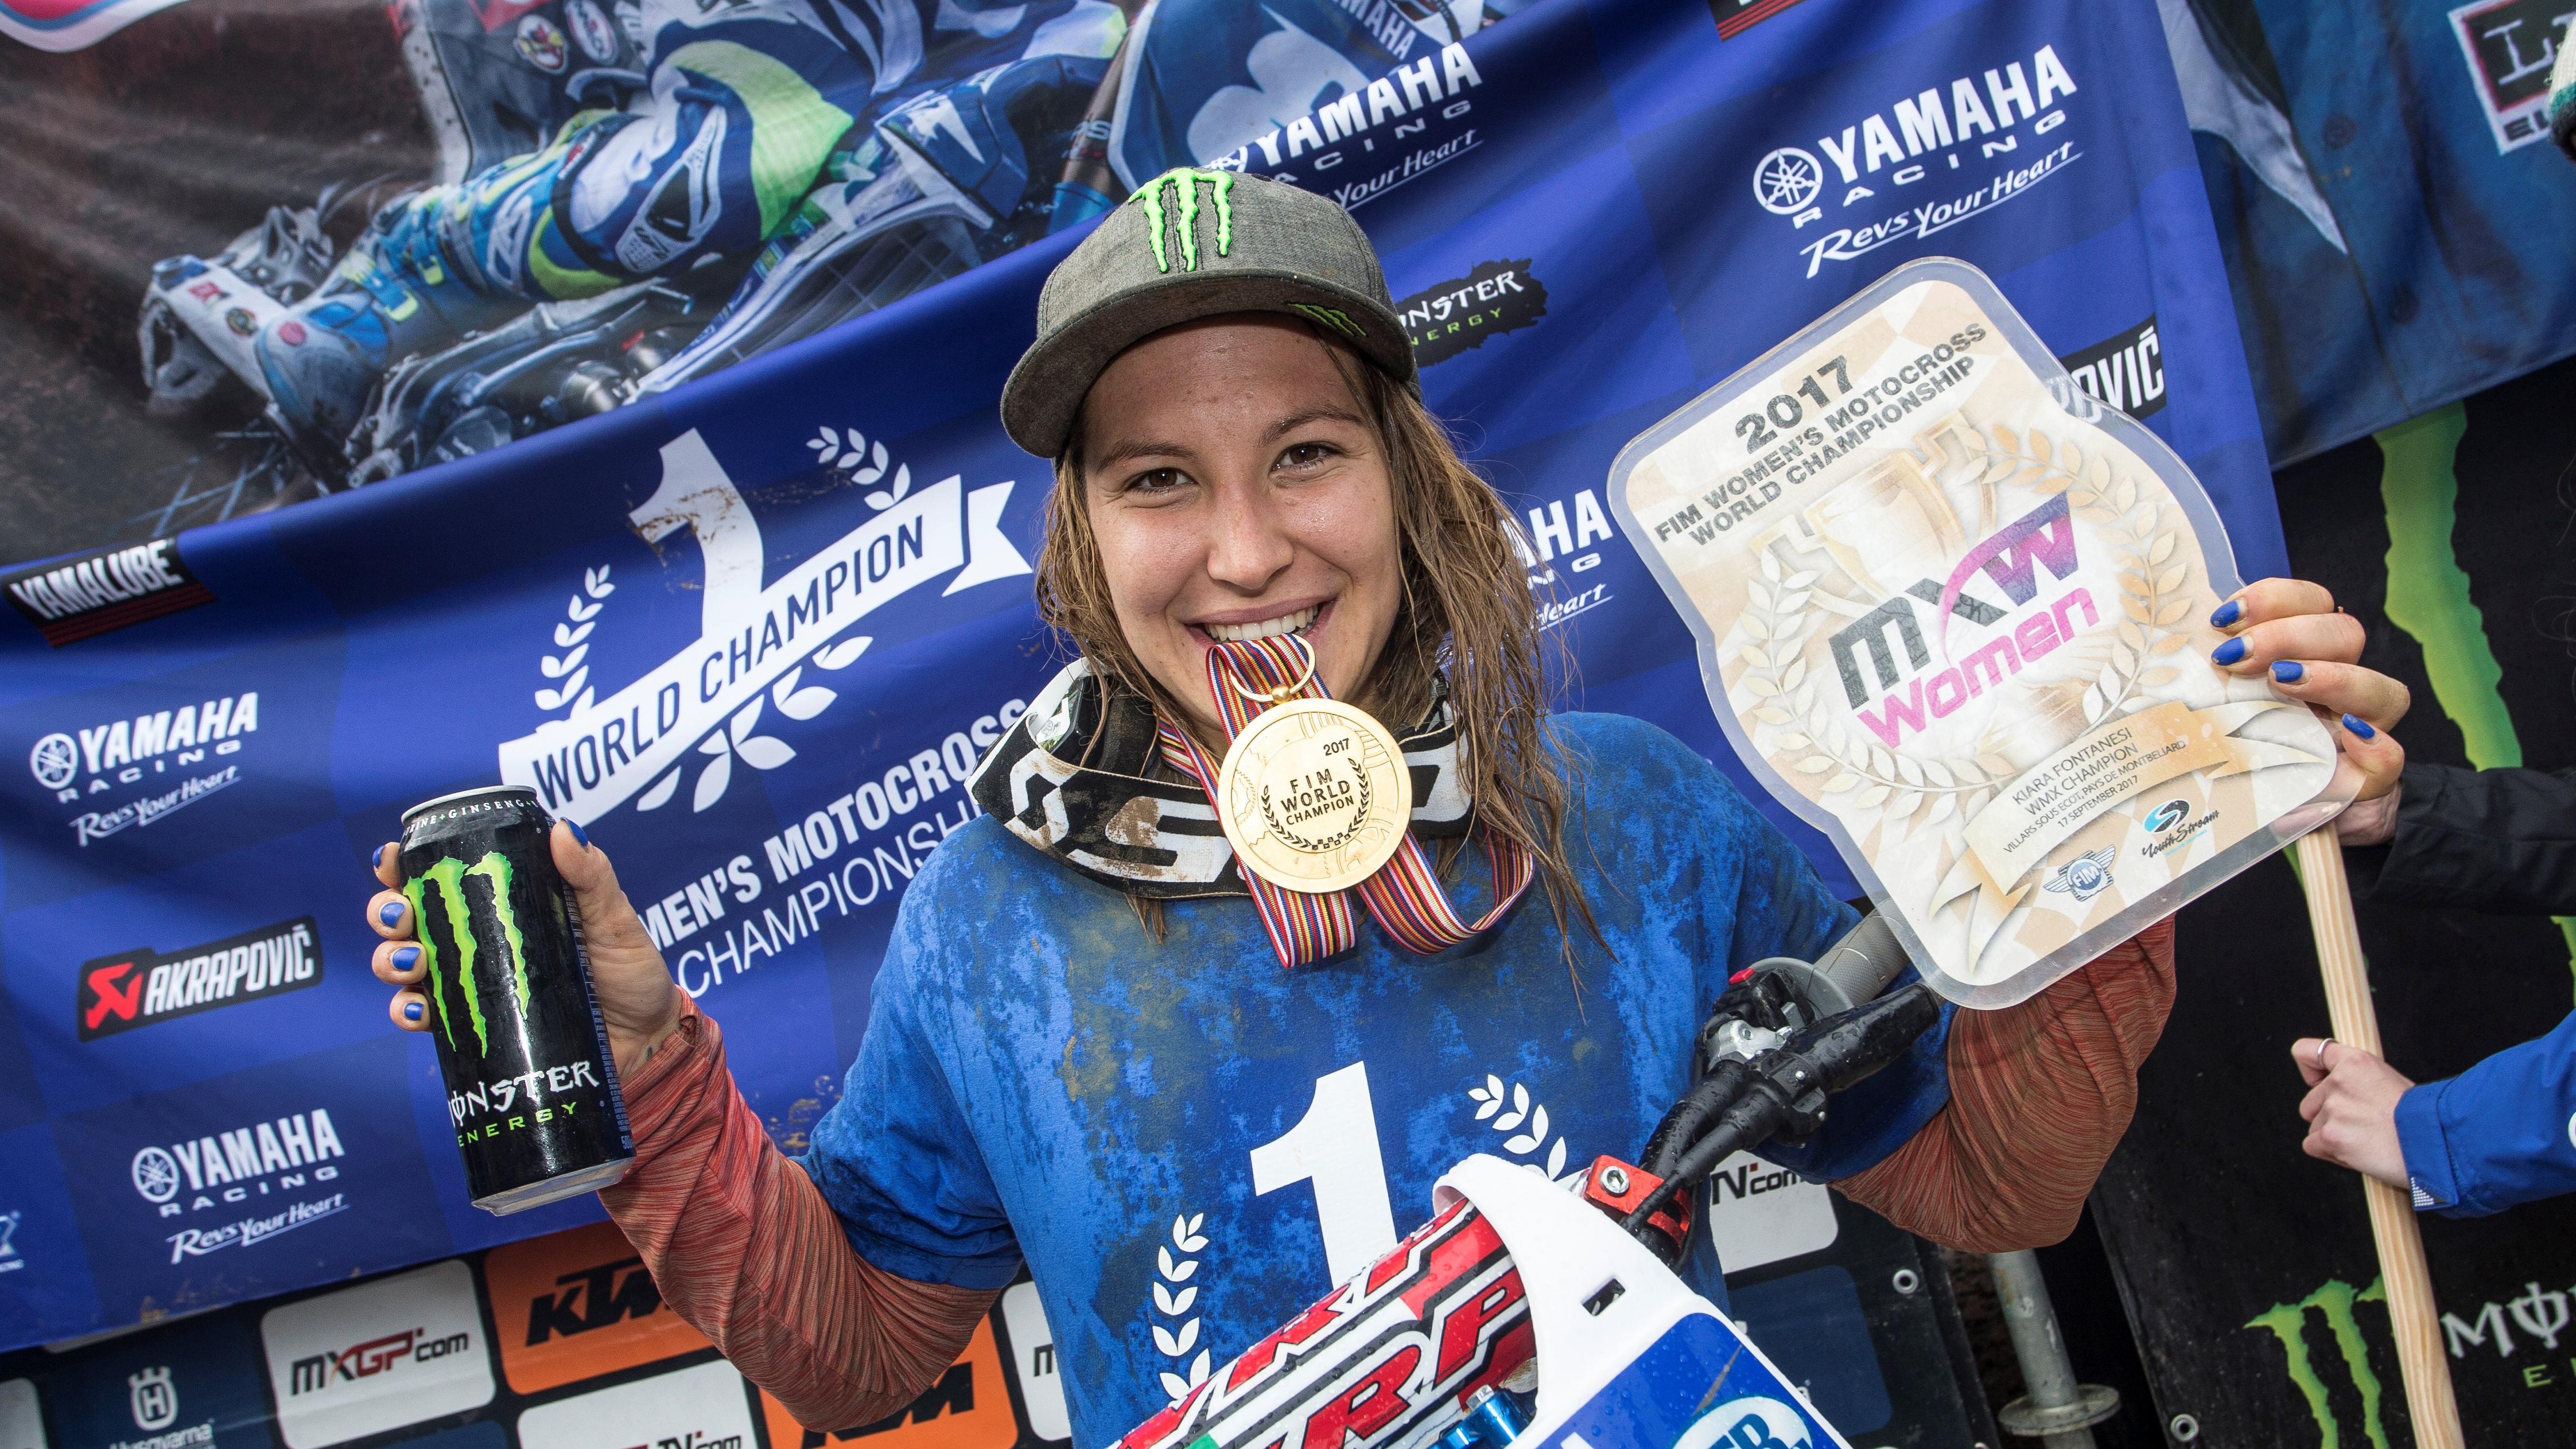 Intervista a Kiara Fontanesi. Quando il Motocross parla al femminile.